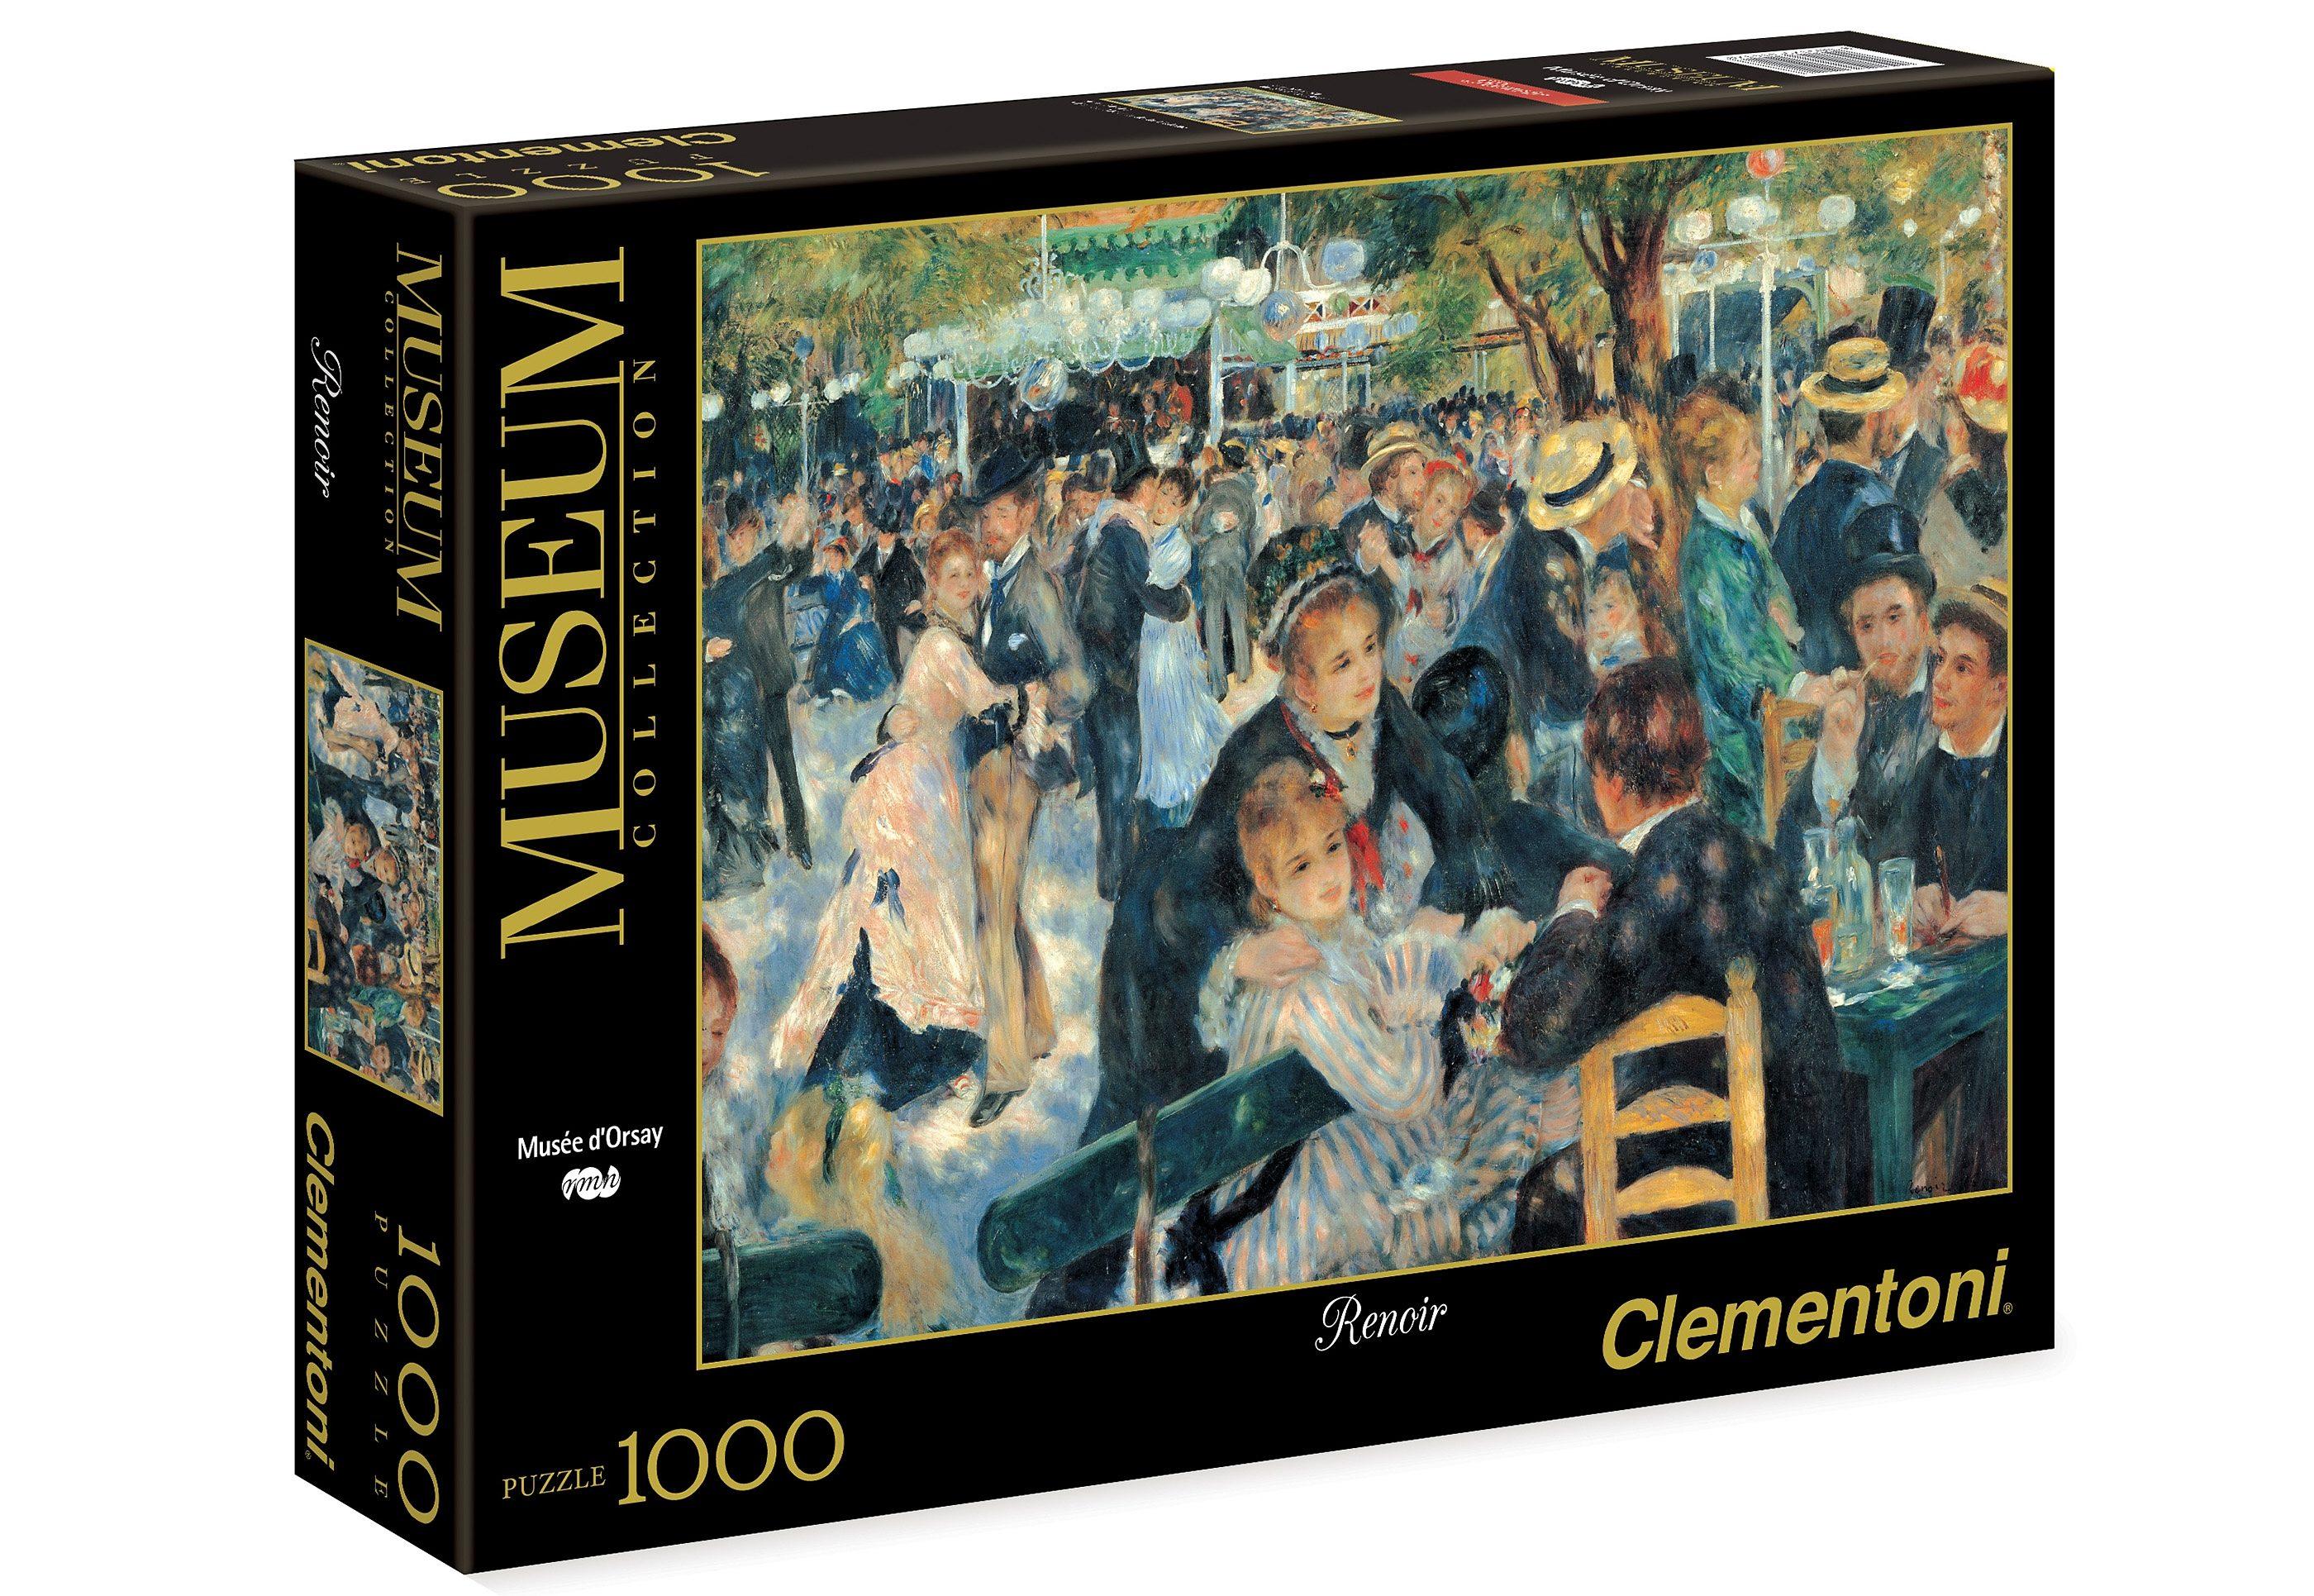 Clementoni Puzzle, 1000 Teile, »Renoir, Musee D'Orsay, Tanz im Moulin de la Galette«